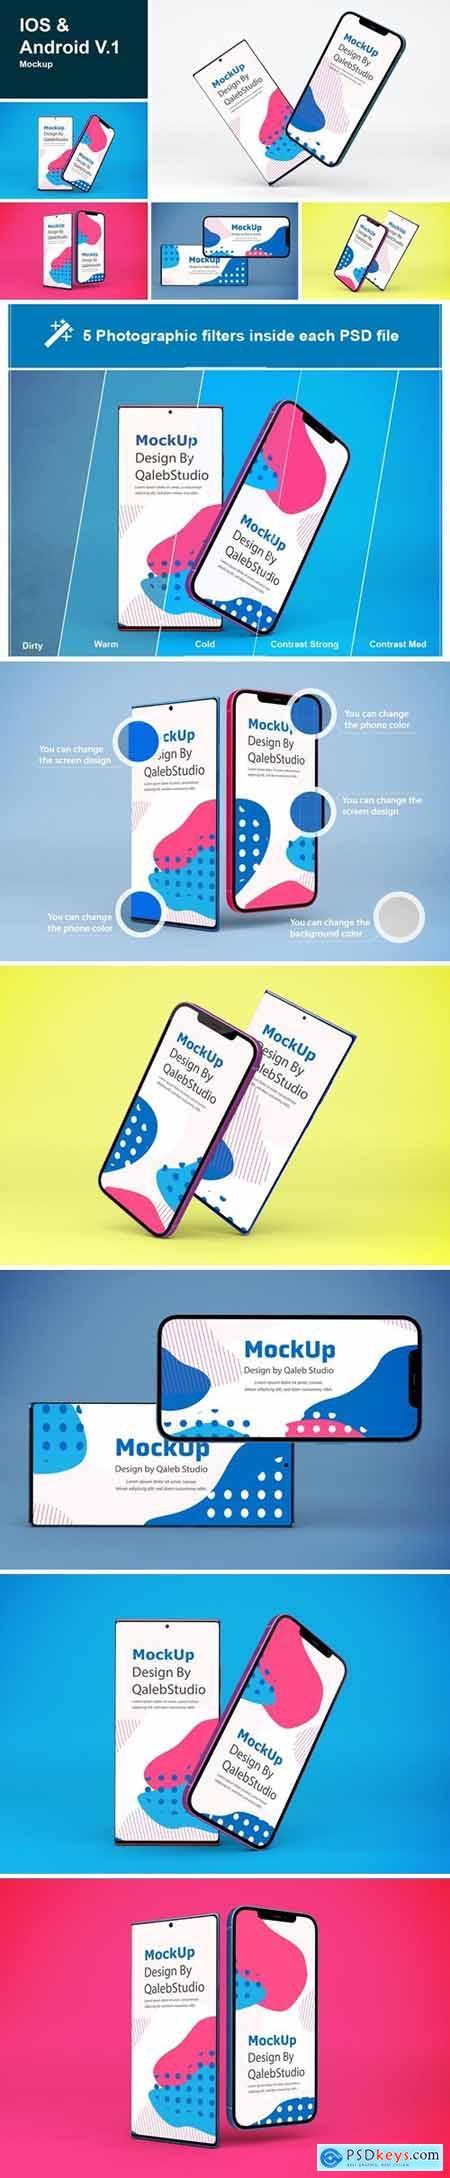 IOS & Android V.1